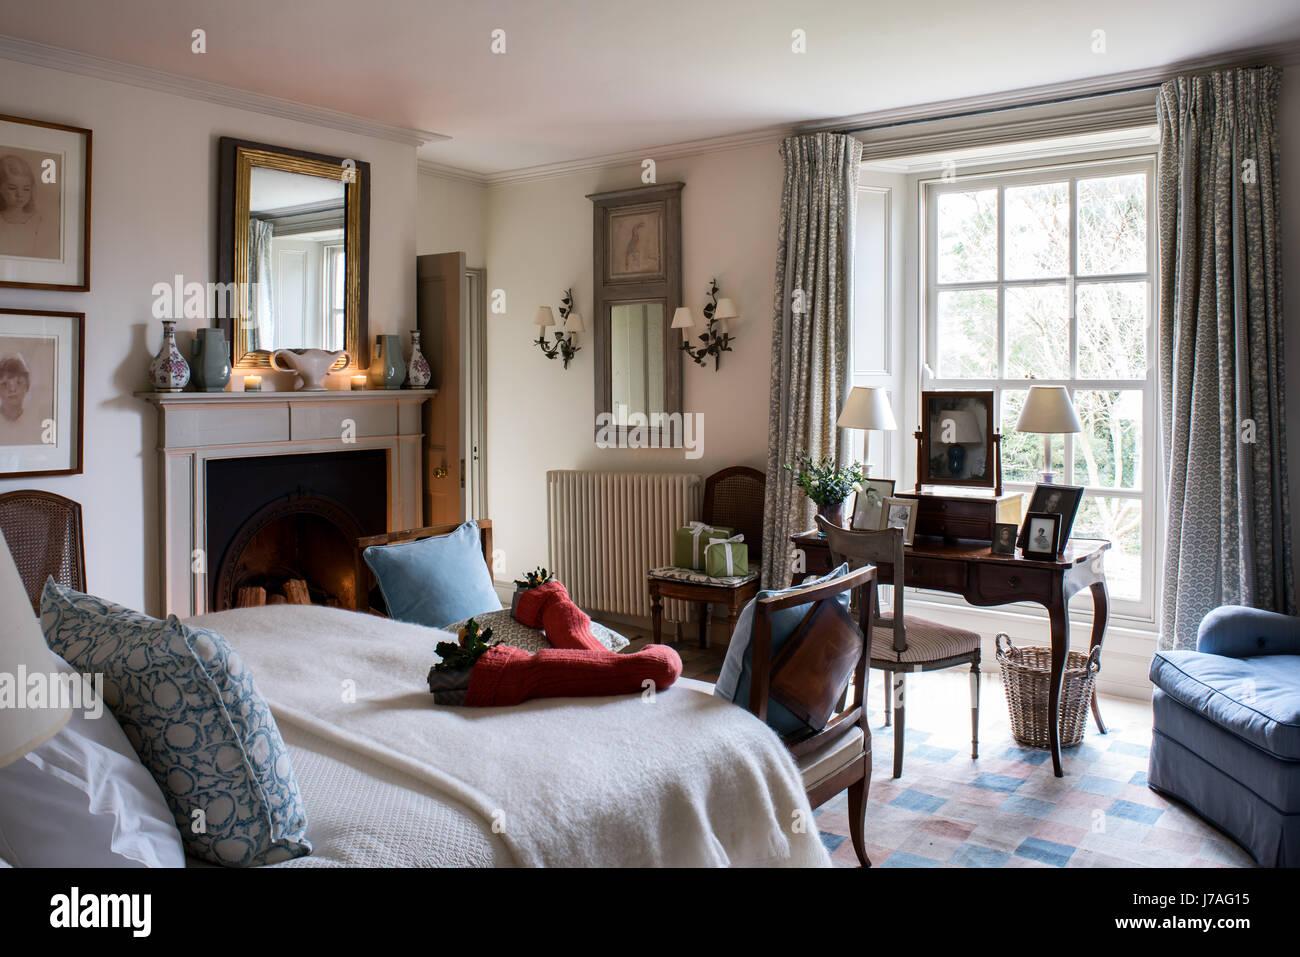 Camera Da Letto Elegante calze di natale sul letto in camera da letto elegante con